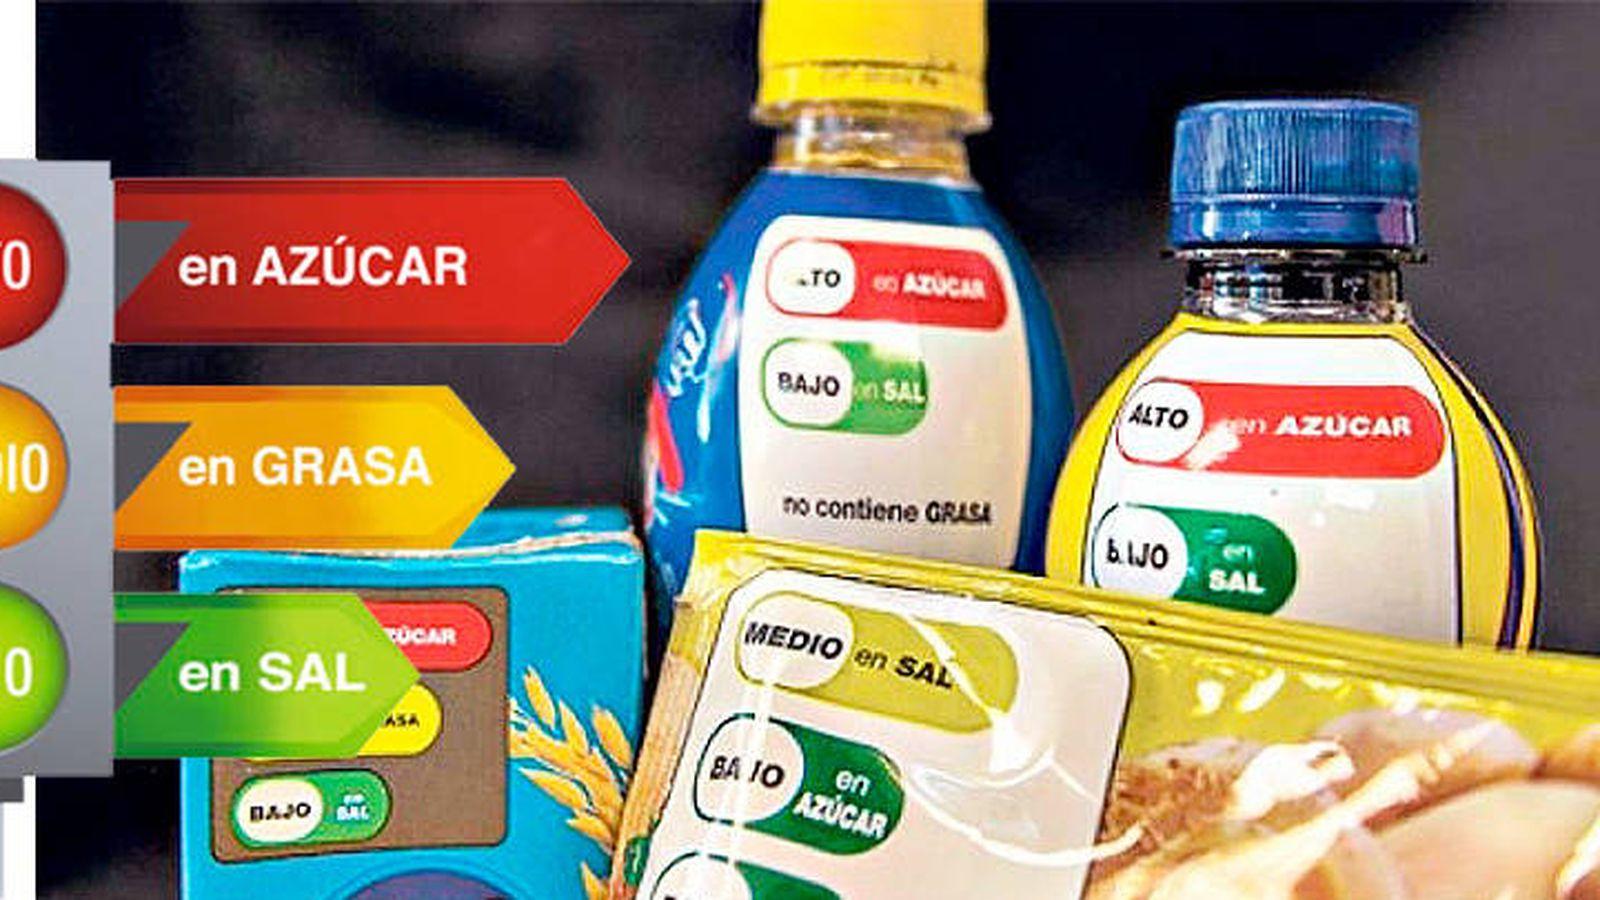 Foto: El semáforo nutricional ya está implantado en otros países.